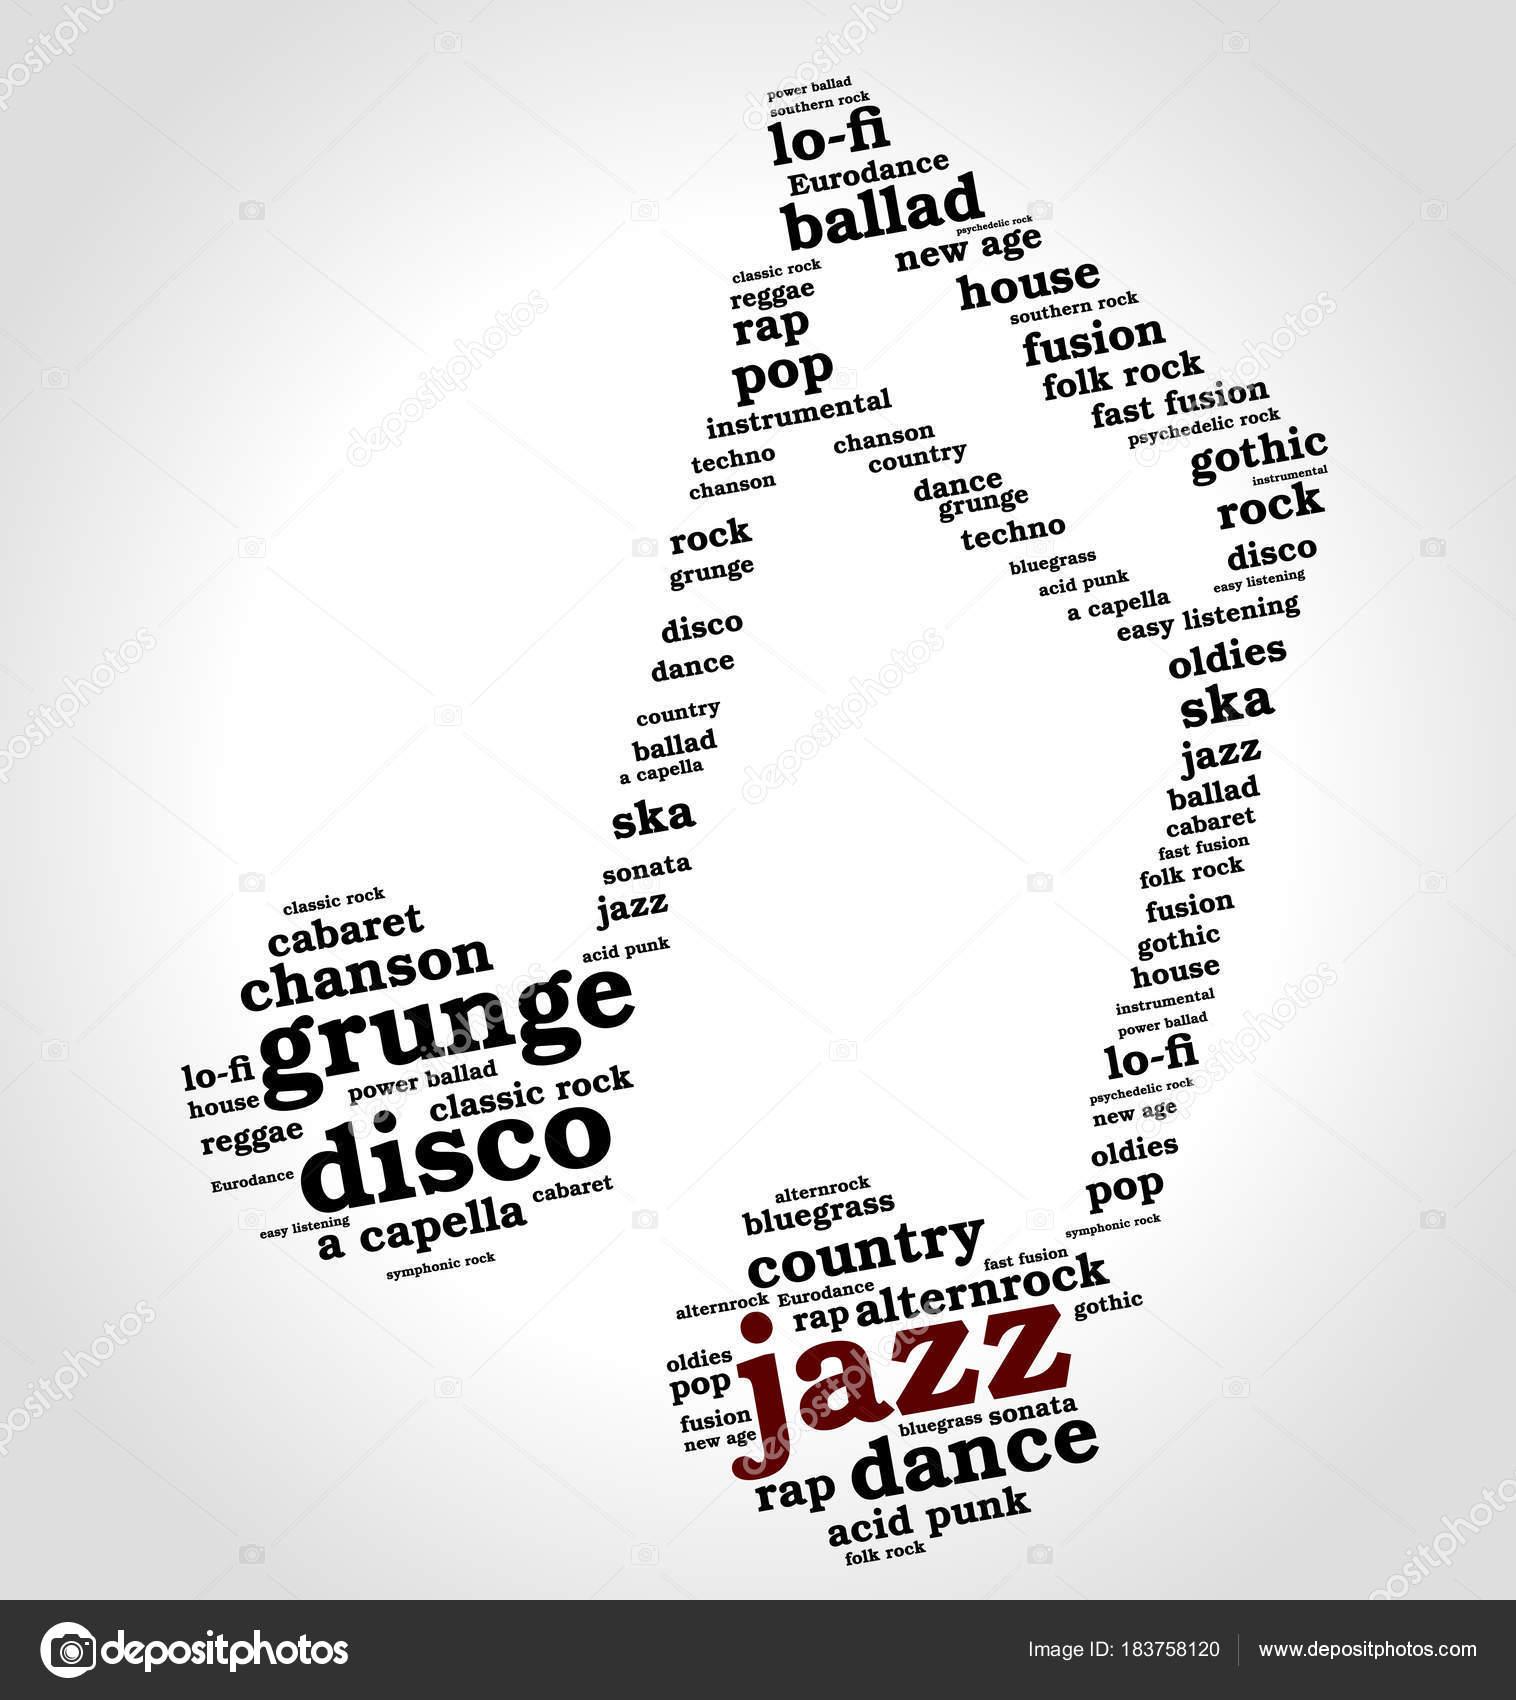 Tüm çağın klasik rock müziği